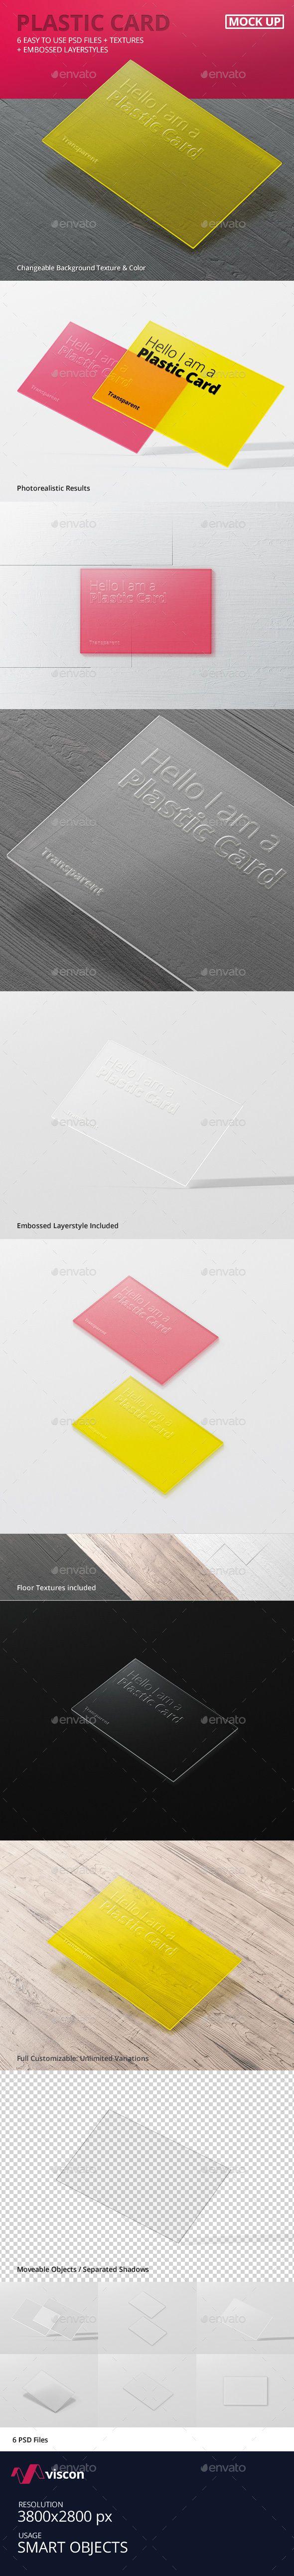 Plastic Business Cards Mock-Ups #design Download: http://graphicriver.net/item/plastic-business-cards-mockups/13591843?ref=ksioks